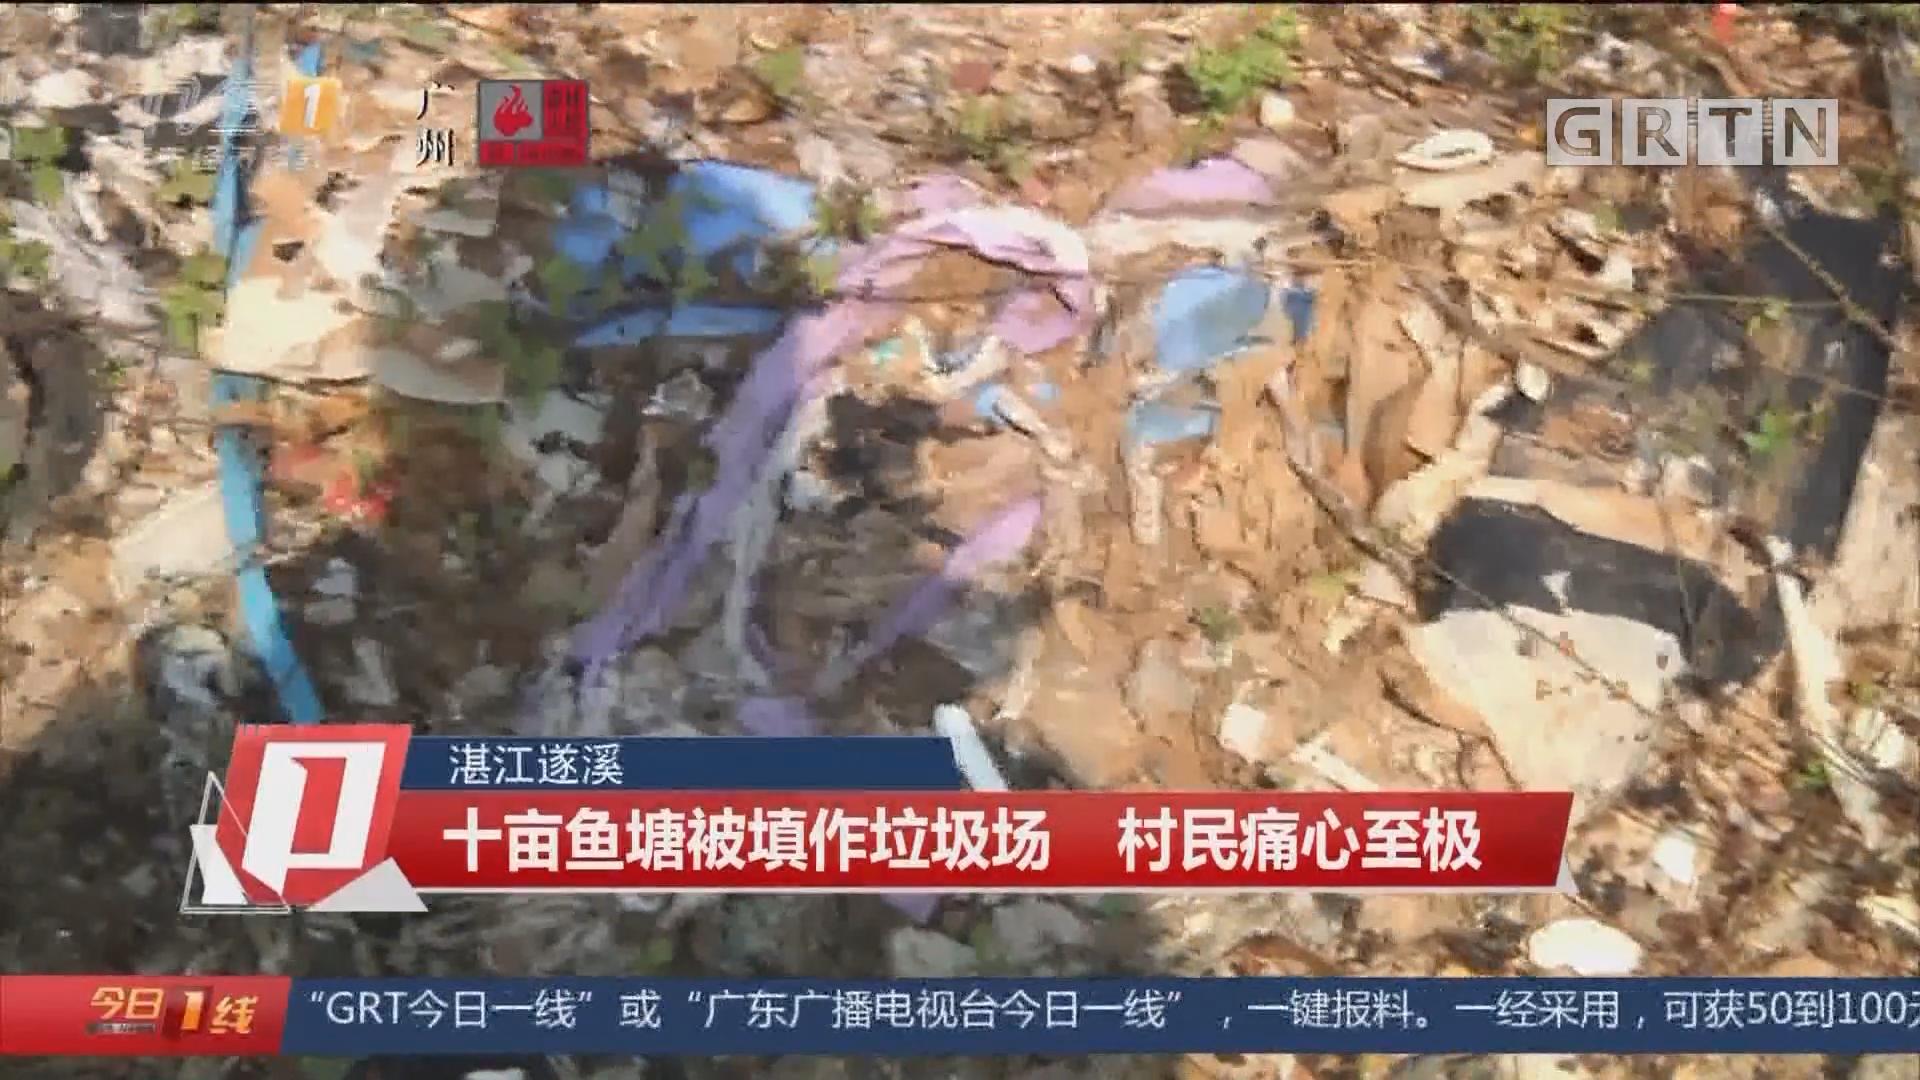 湛江遂溪:十亩鱼塘被填作垃圾场 村民痛心至极